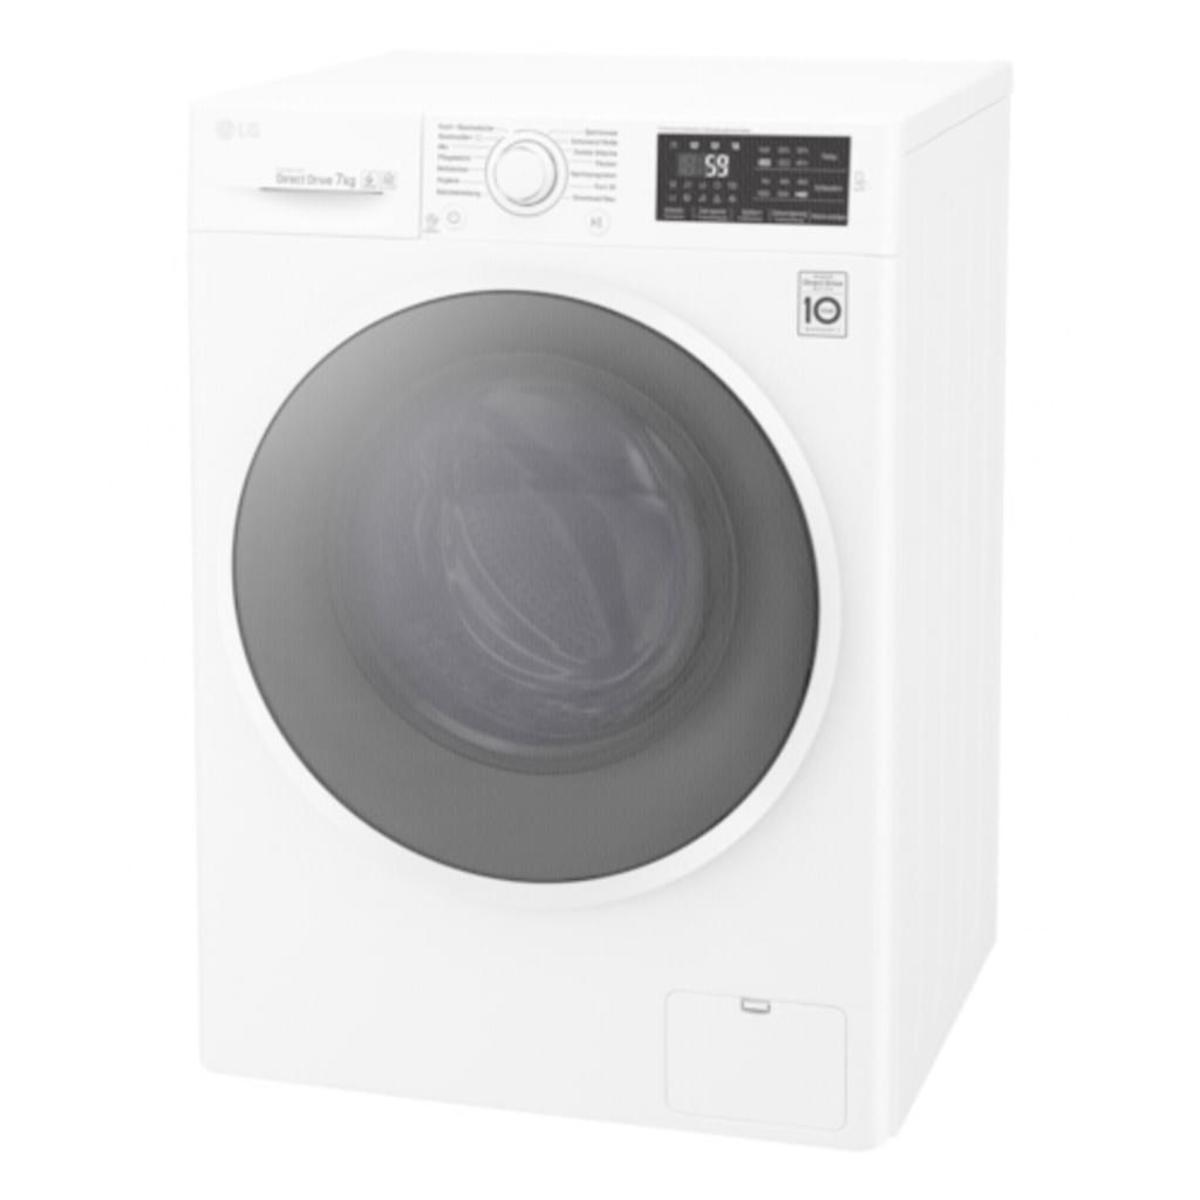 Bild 4 von Lg Waschmaschine Titan  A+++ -30% F 14 Wm7 En0